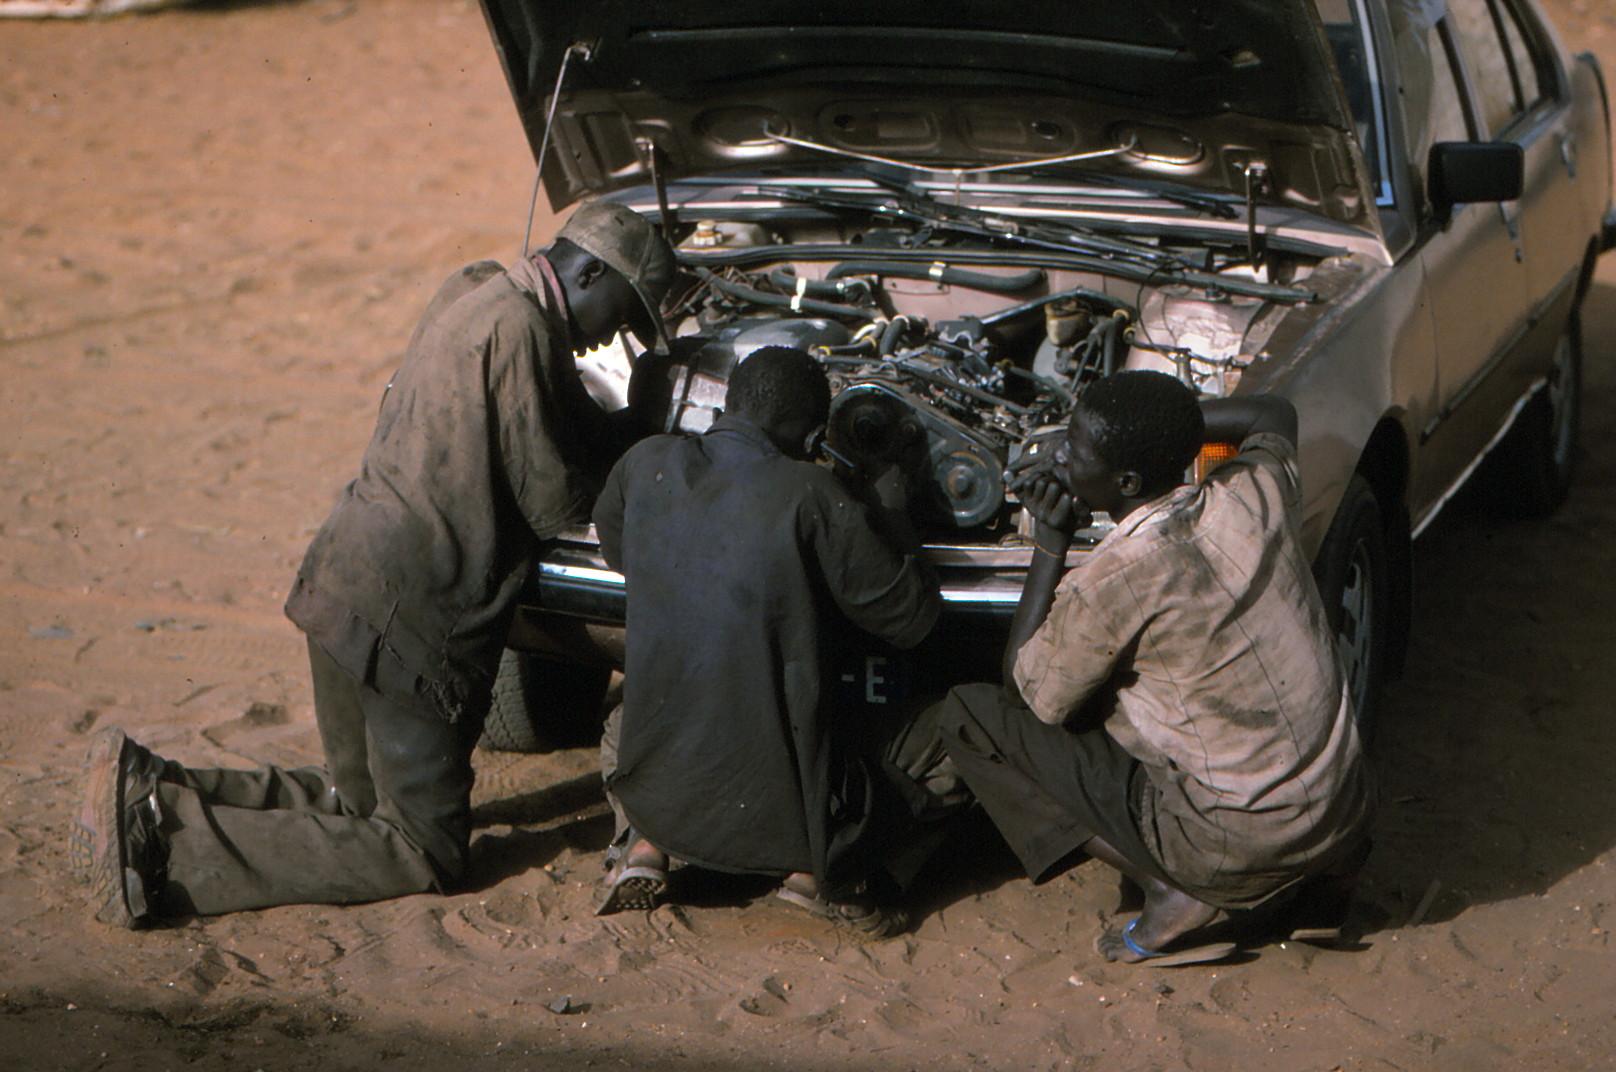 Autoreparaturen in Dakkar-Senegal